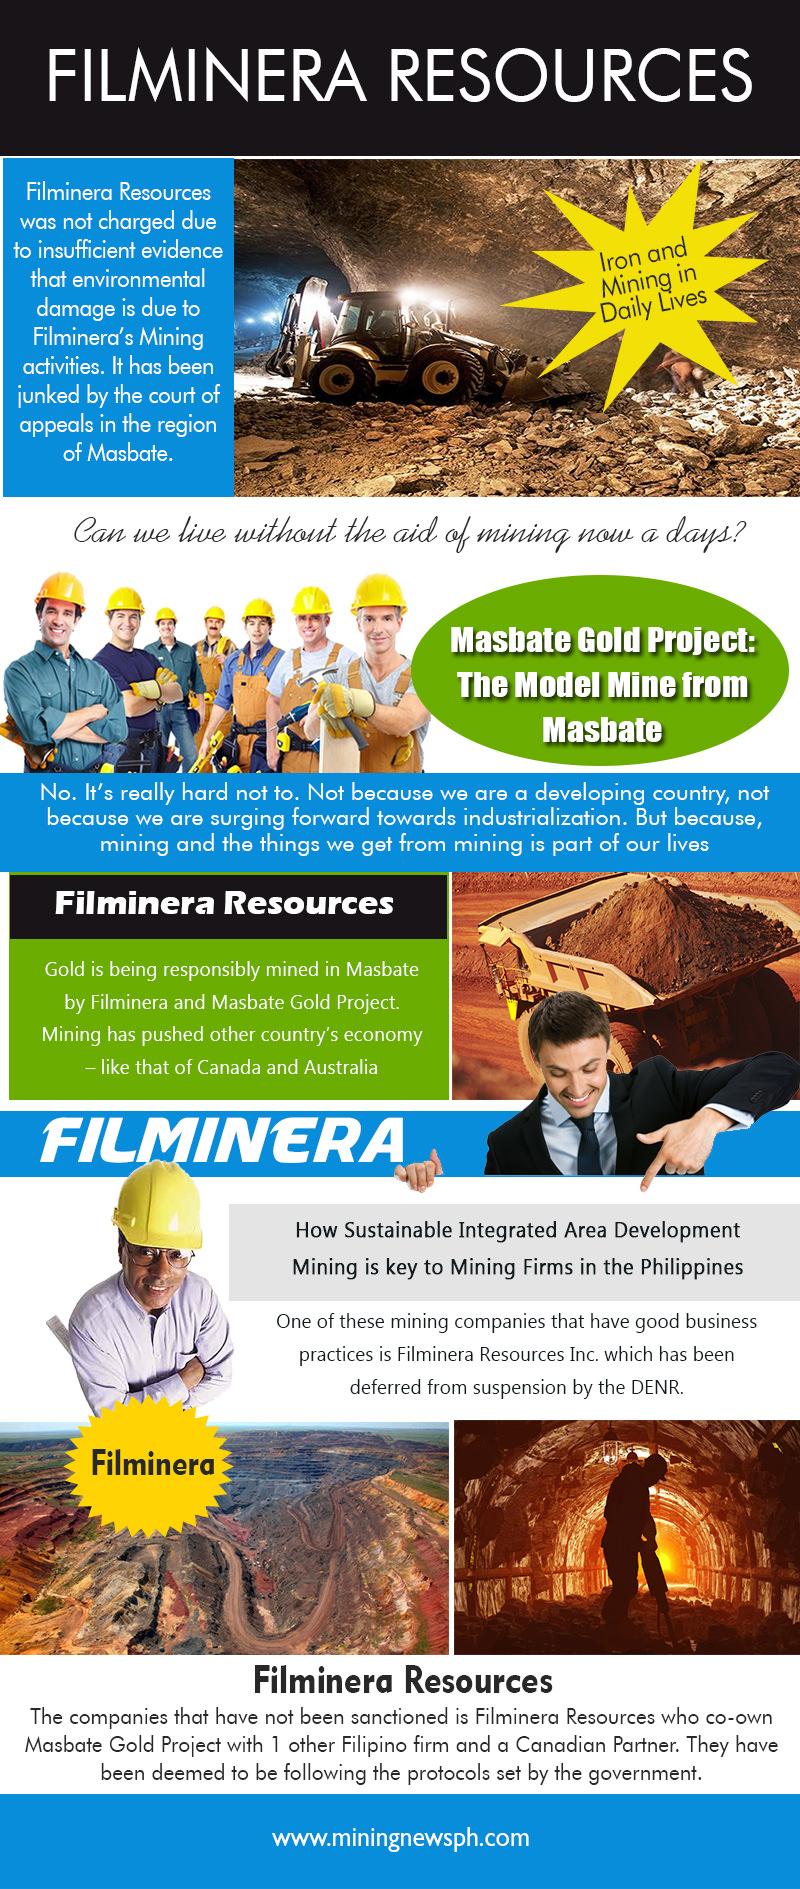 Filminera Resources